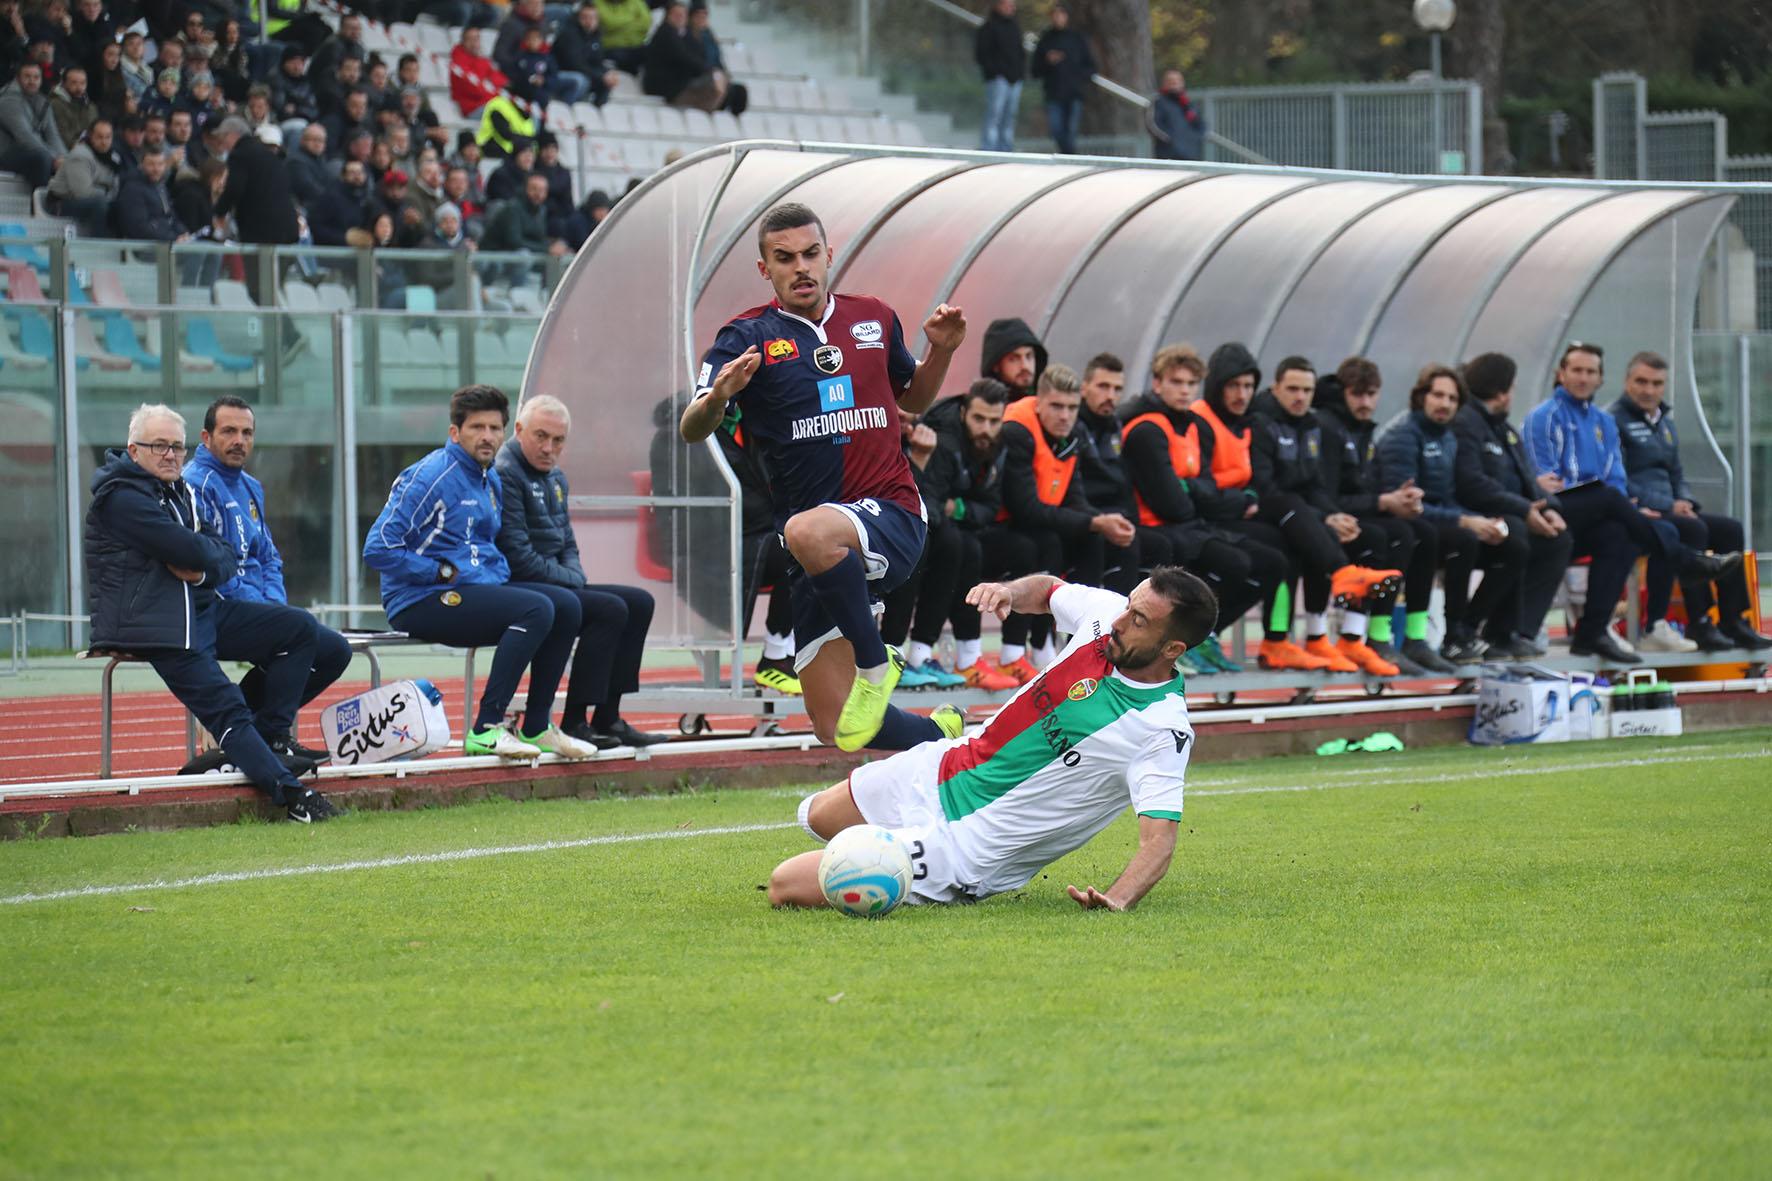 0Ternana TrasfertaA Imola In Calcio FerePari Finisce SGVUpqzM